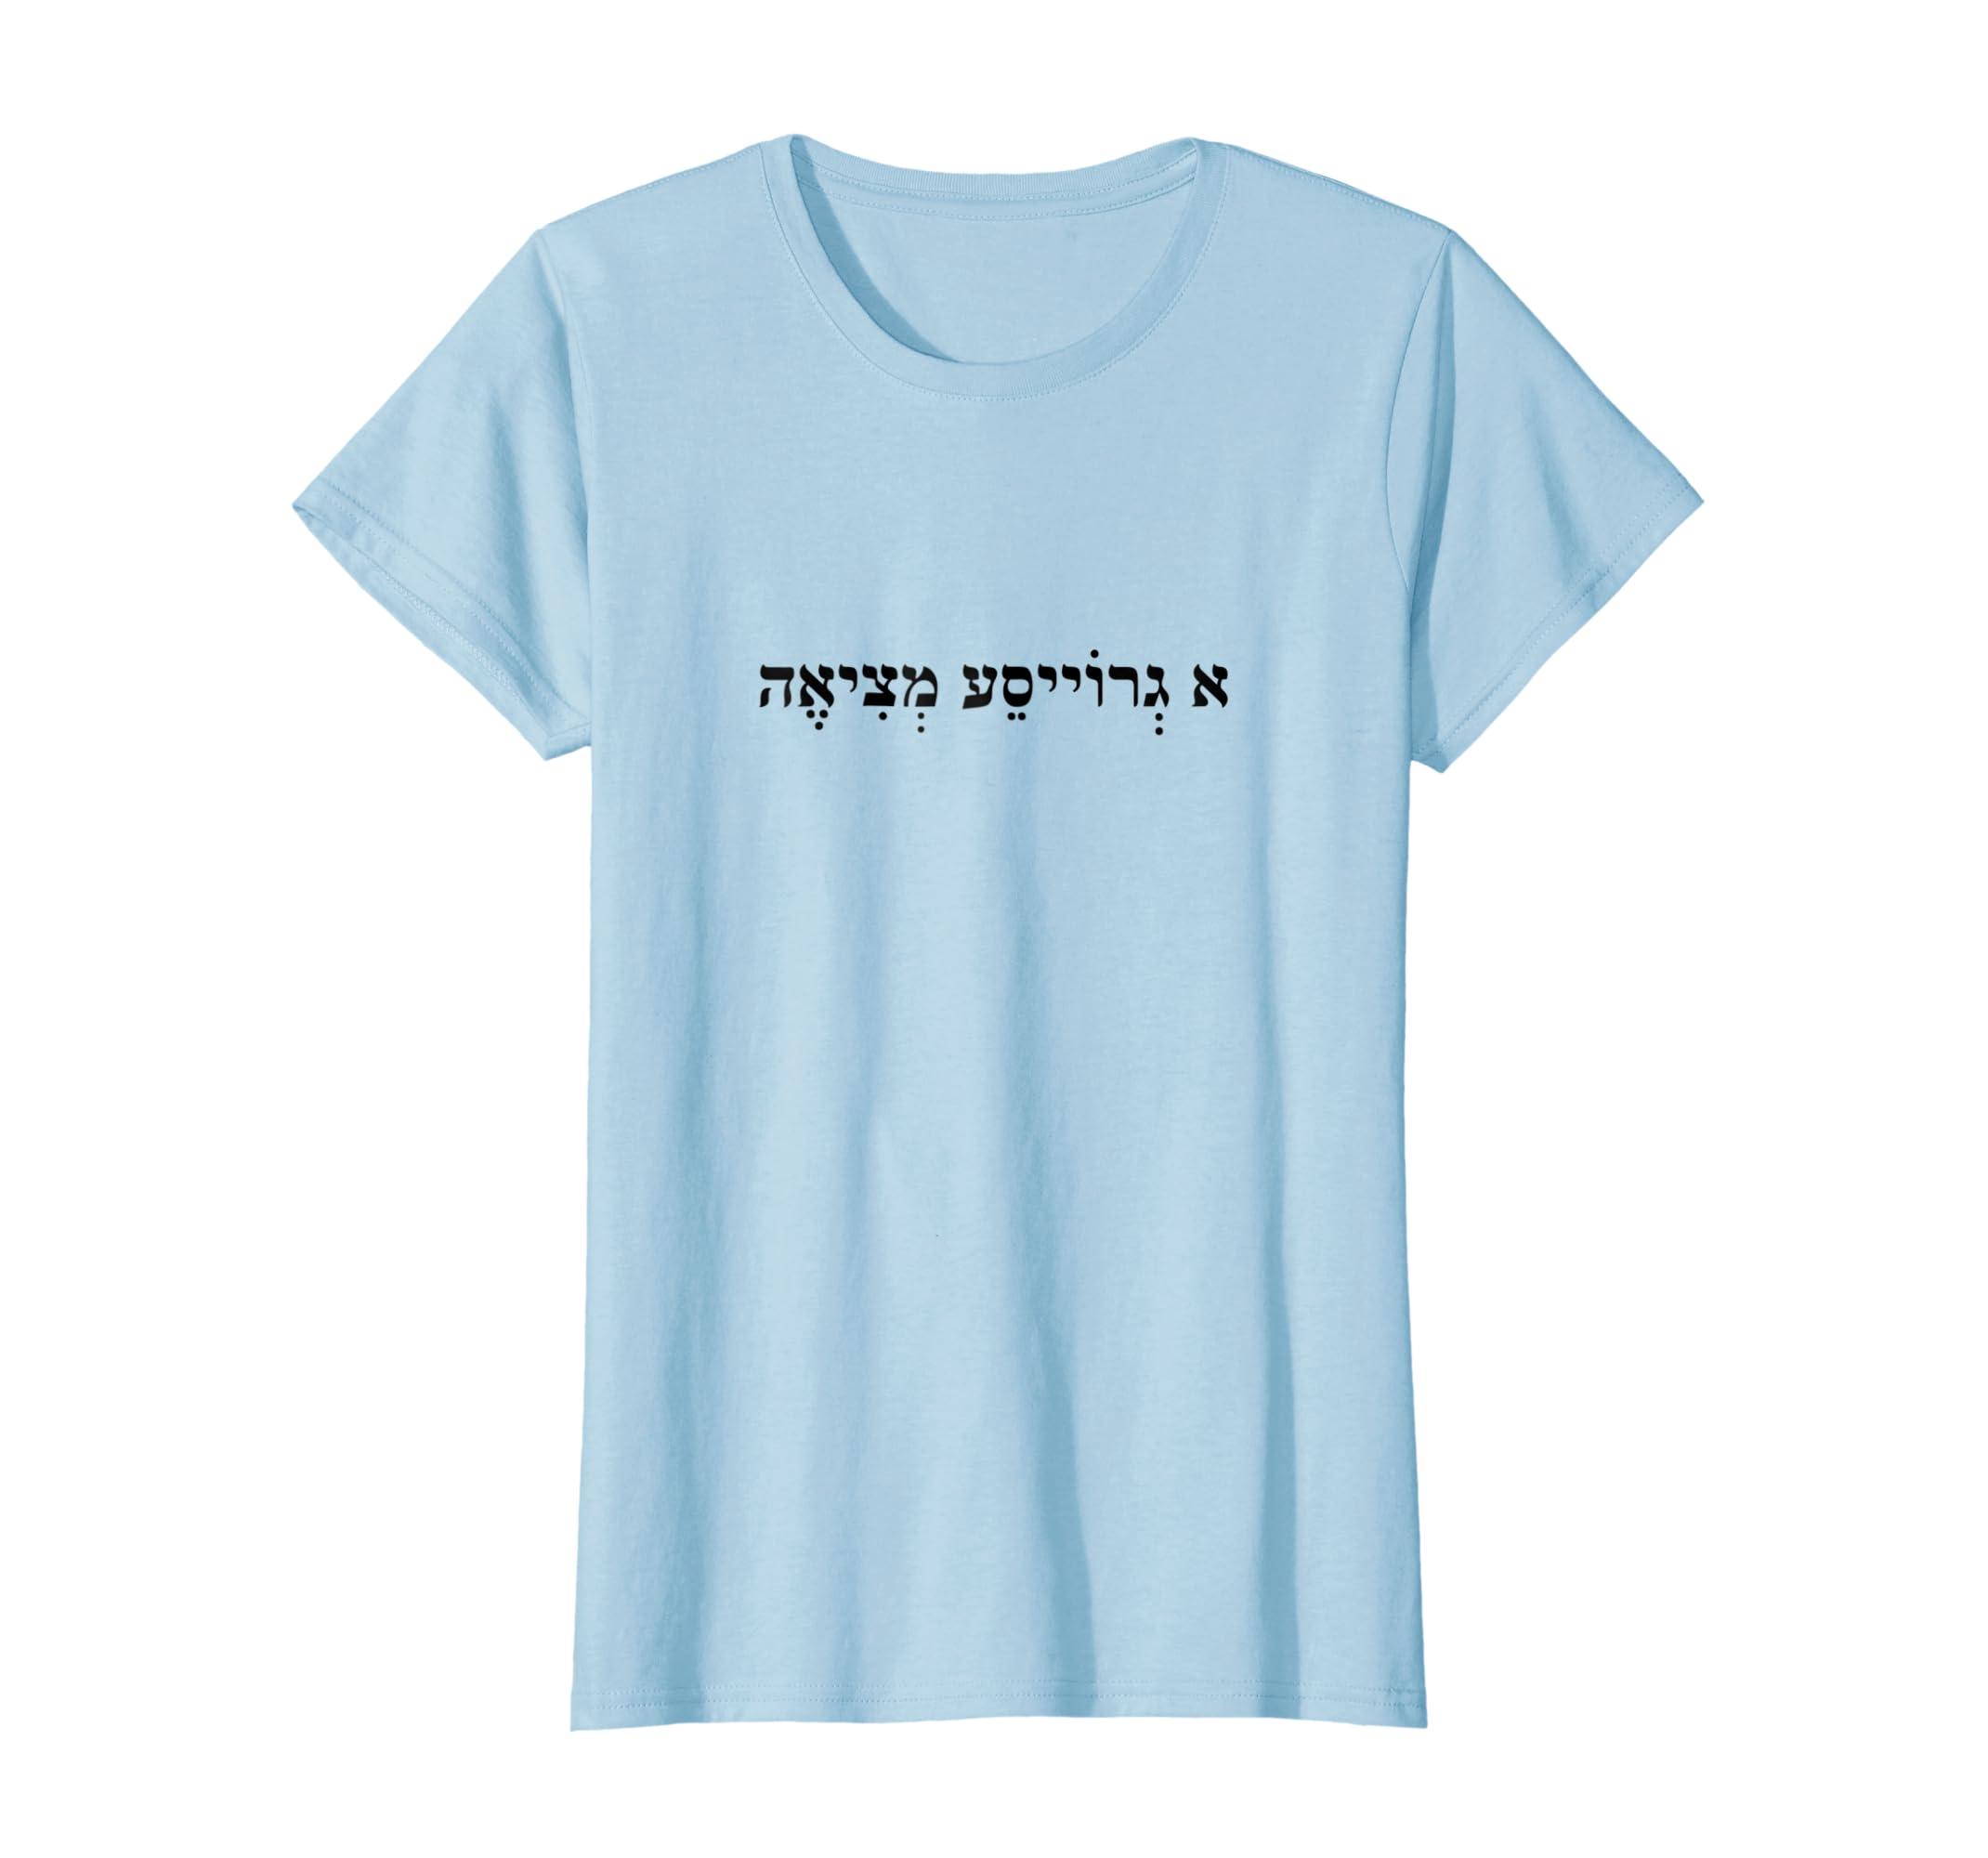 908c770de Amazon.com: Yiddish Shirt Funny Jewish T shirt Jewish Humor Joke Gift:  Clothing